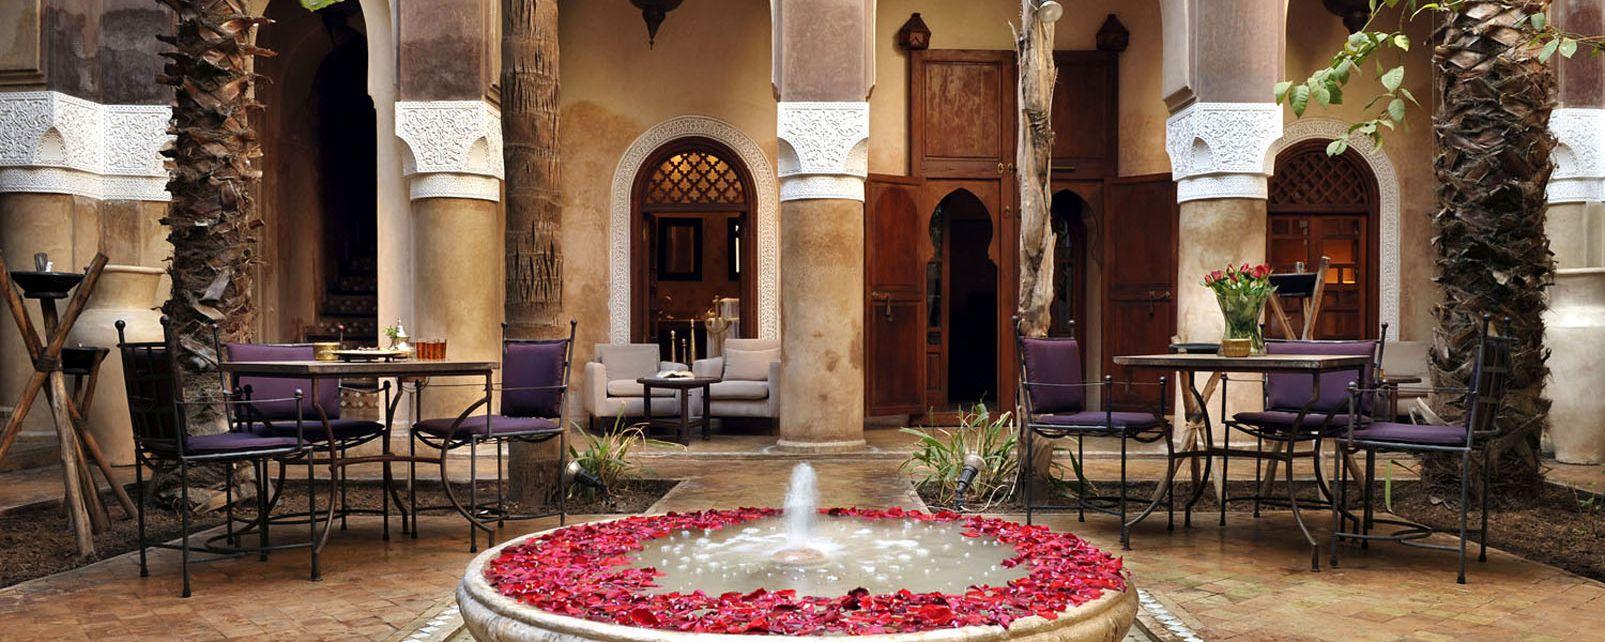 Hotel Villa Nomade